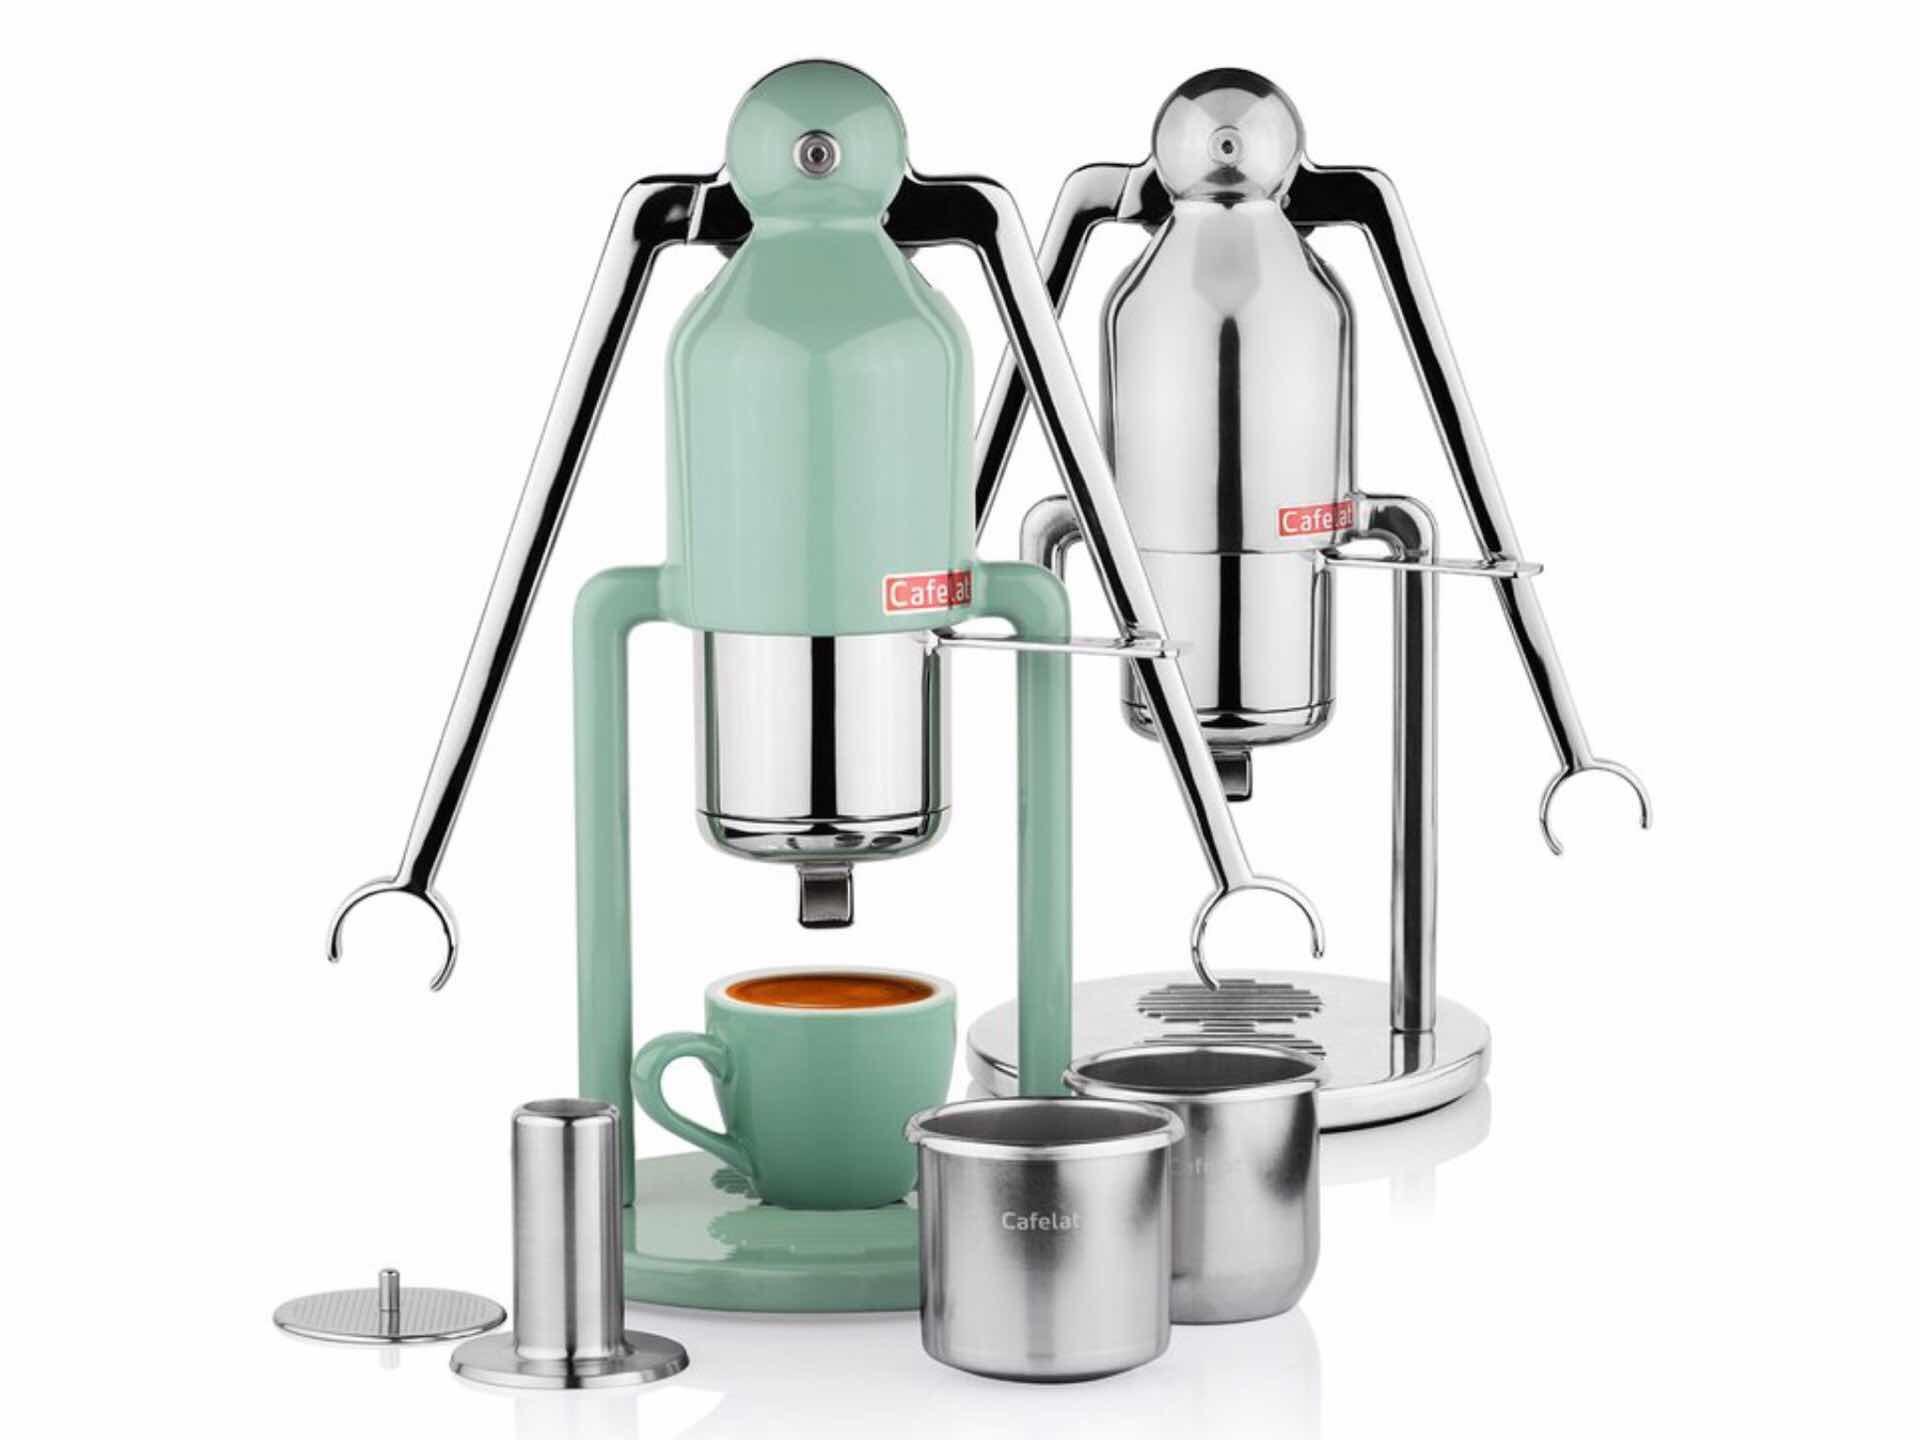 cafelat-robot-manual-espresso-maker